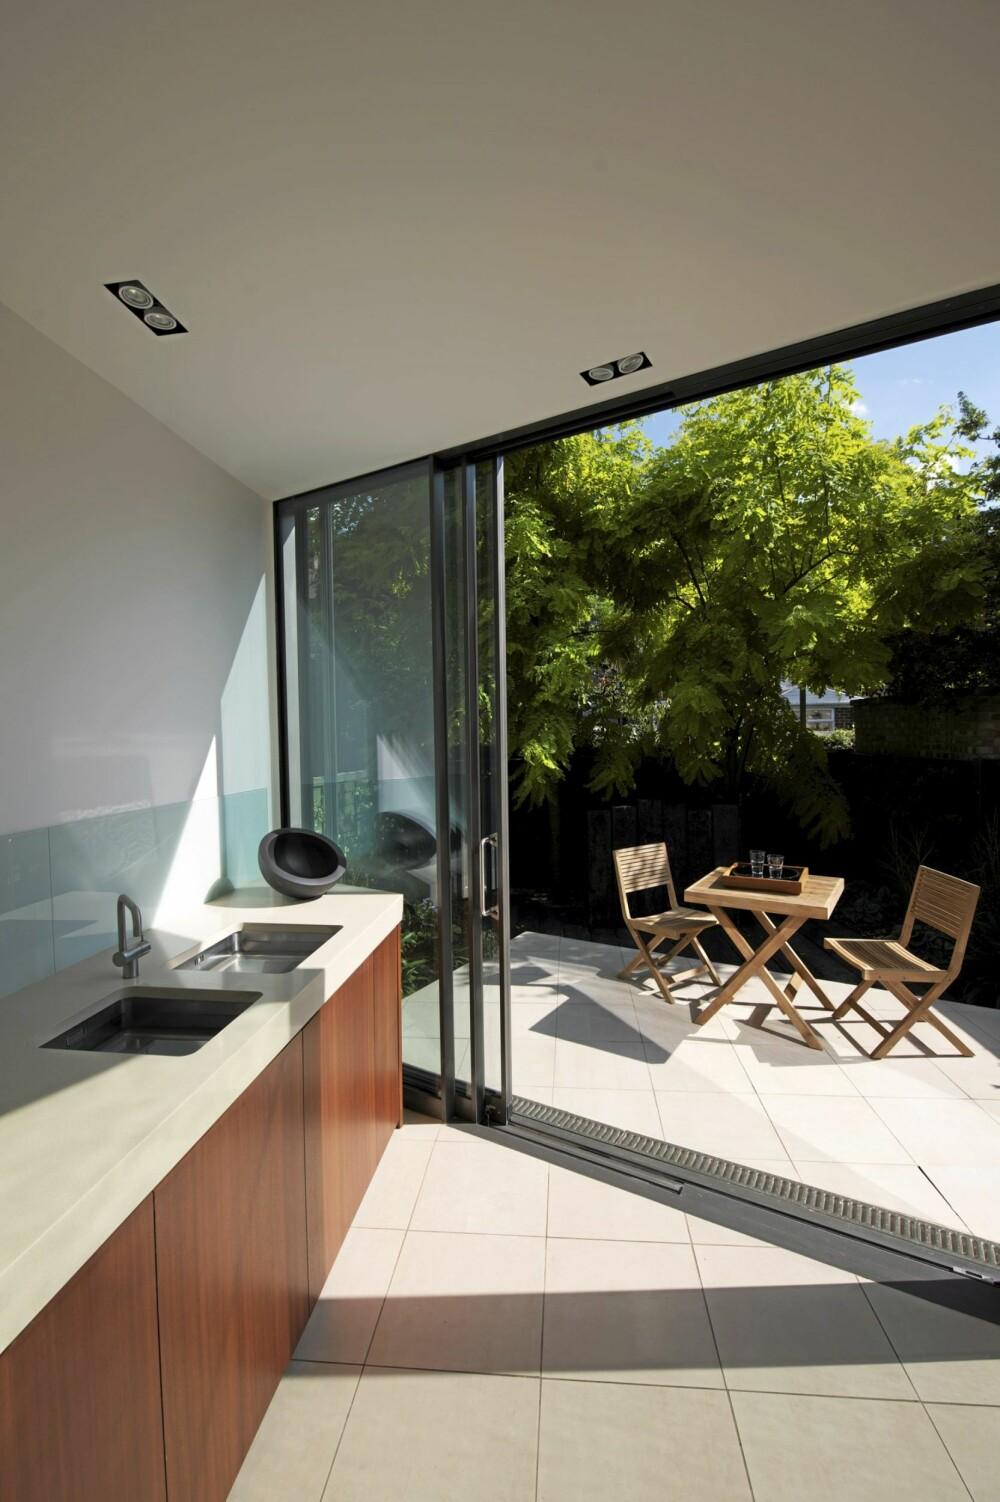 LUFTIG: Skyvedørene i glass åpner opp til en romslig terrasse og uteplass